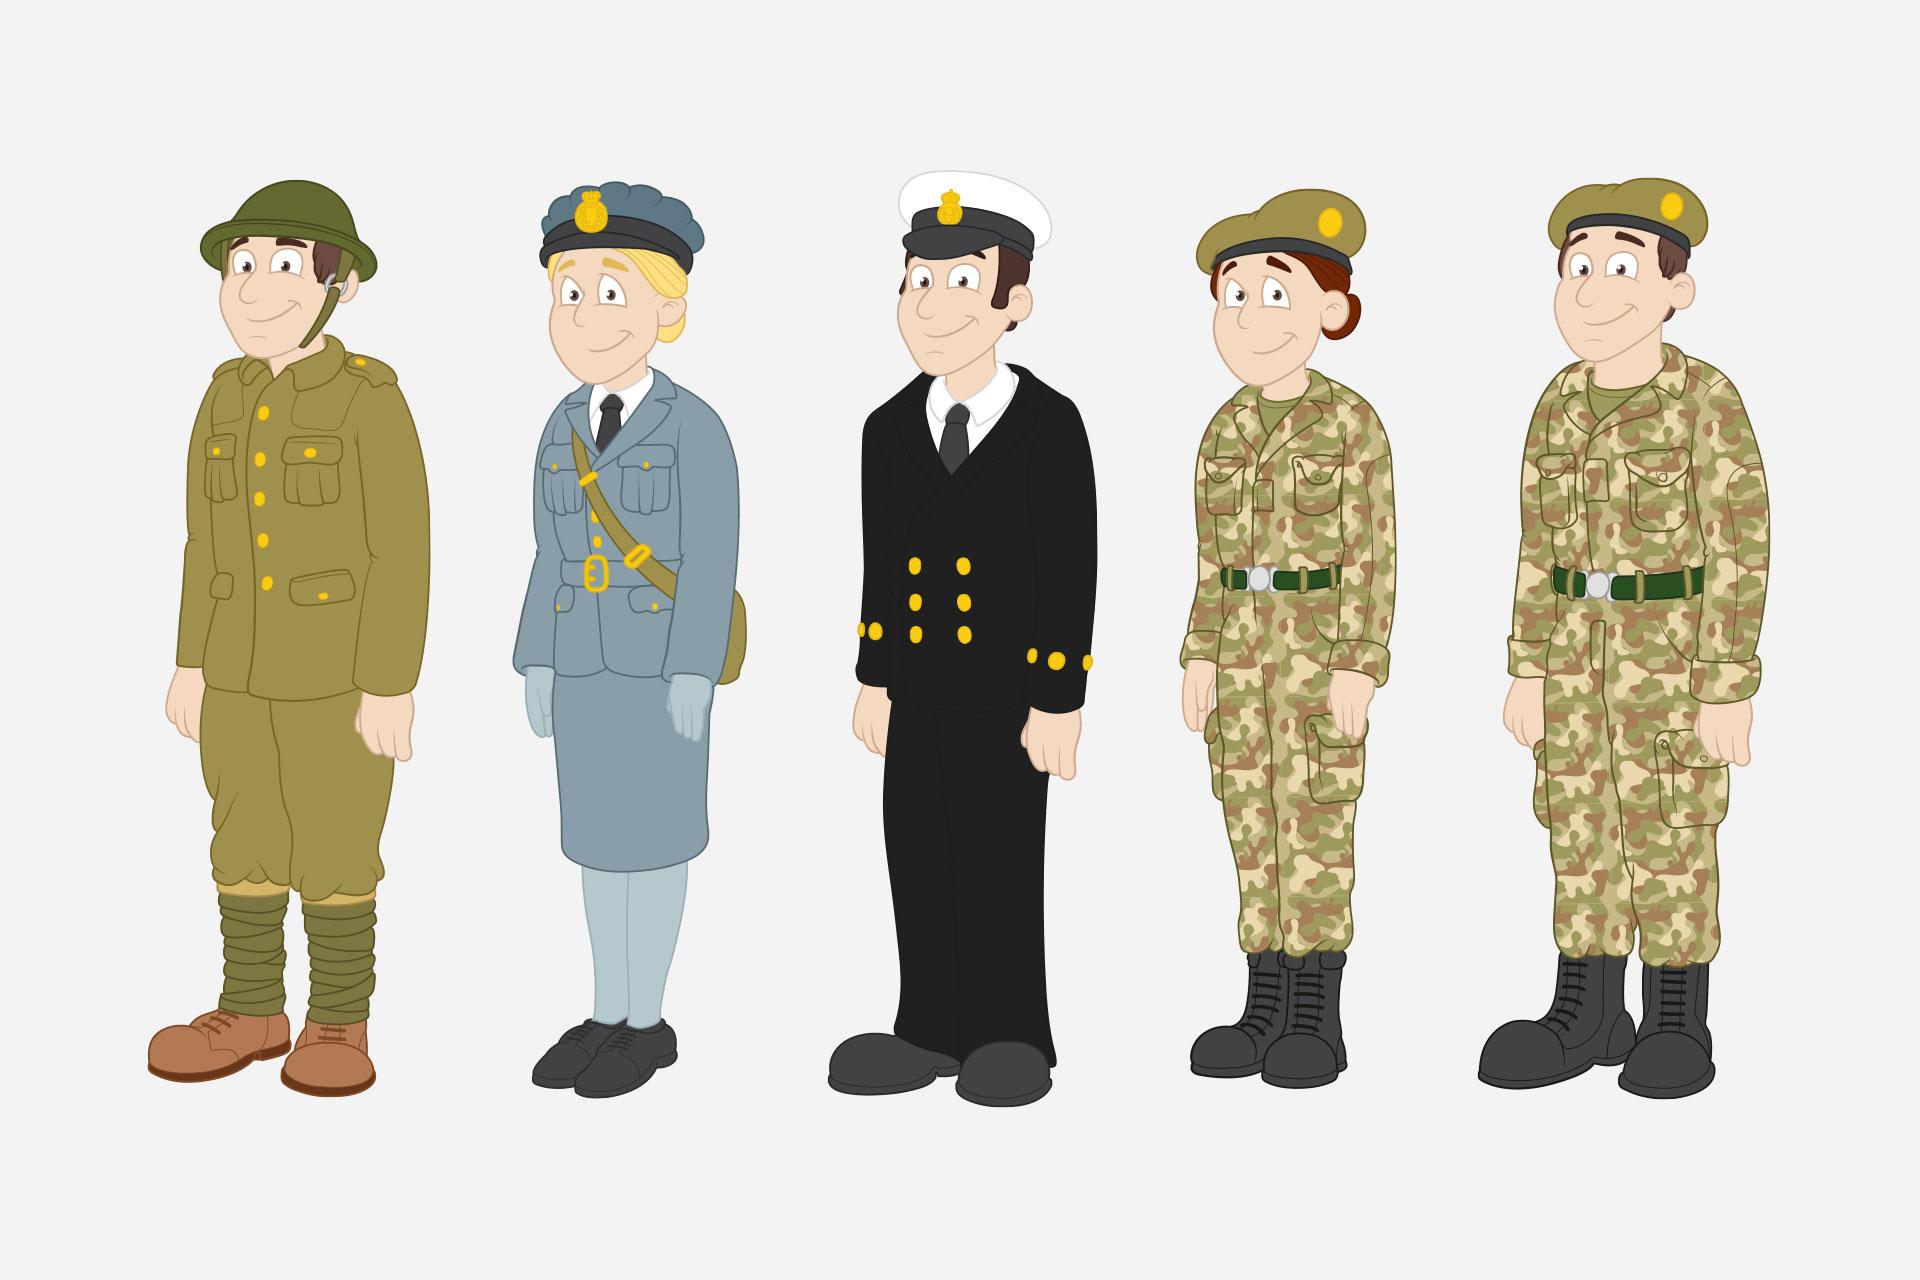 military history cartoon mascots